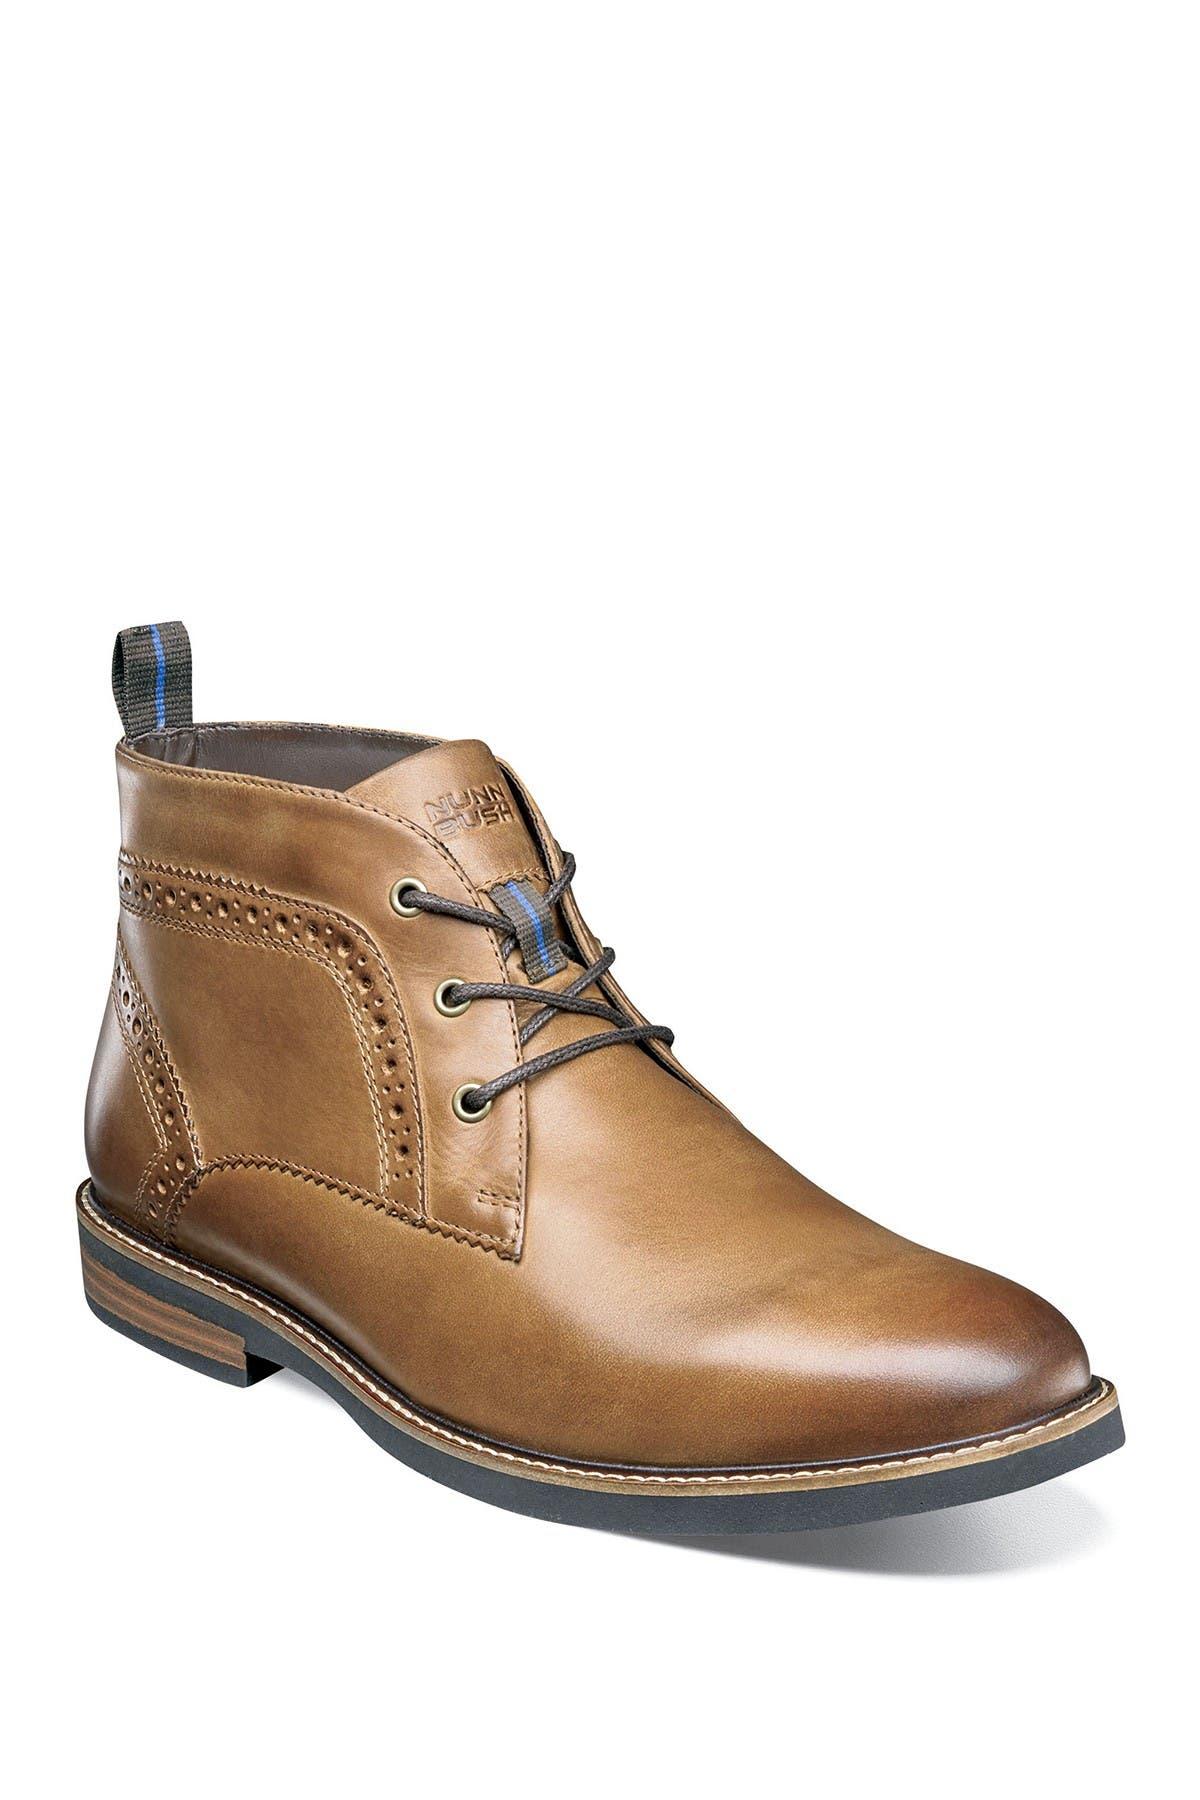 Image of NUNN BUSH Ozark Leather Plain Toe Chukka Boot - Wide Width Available